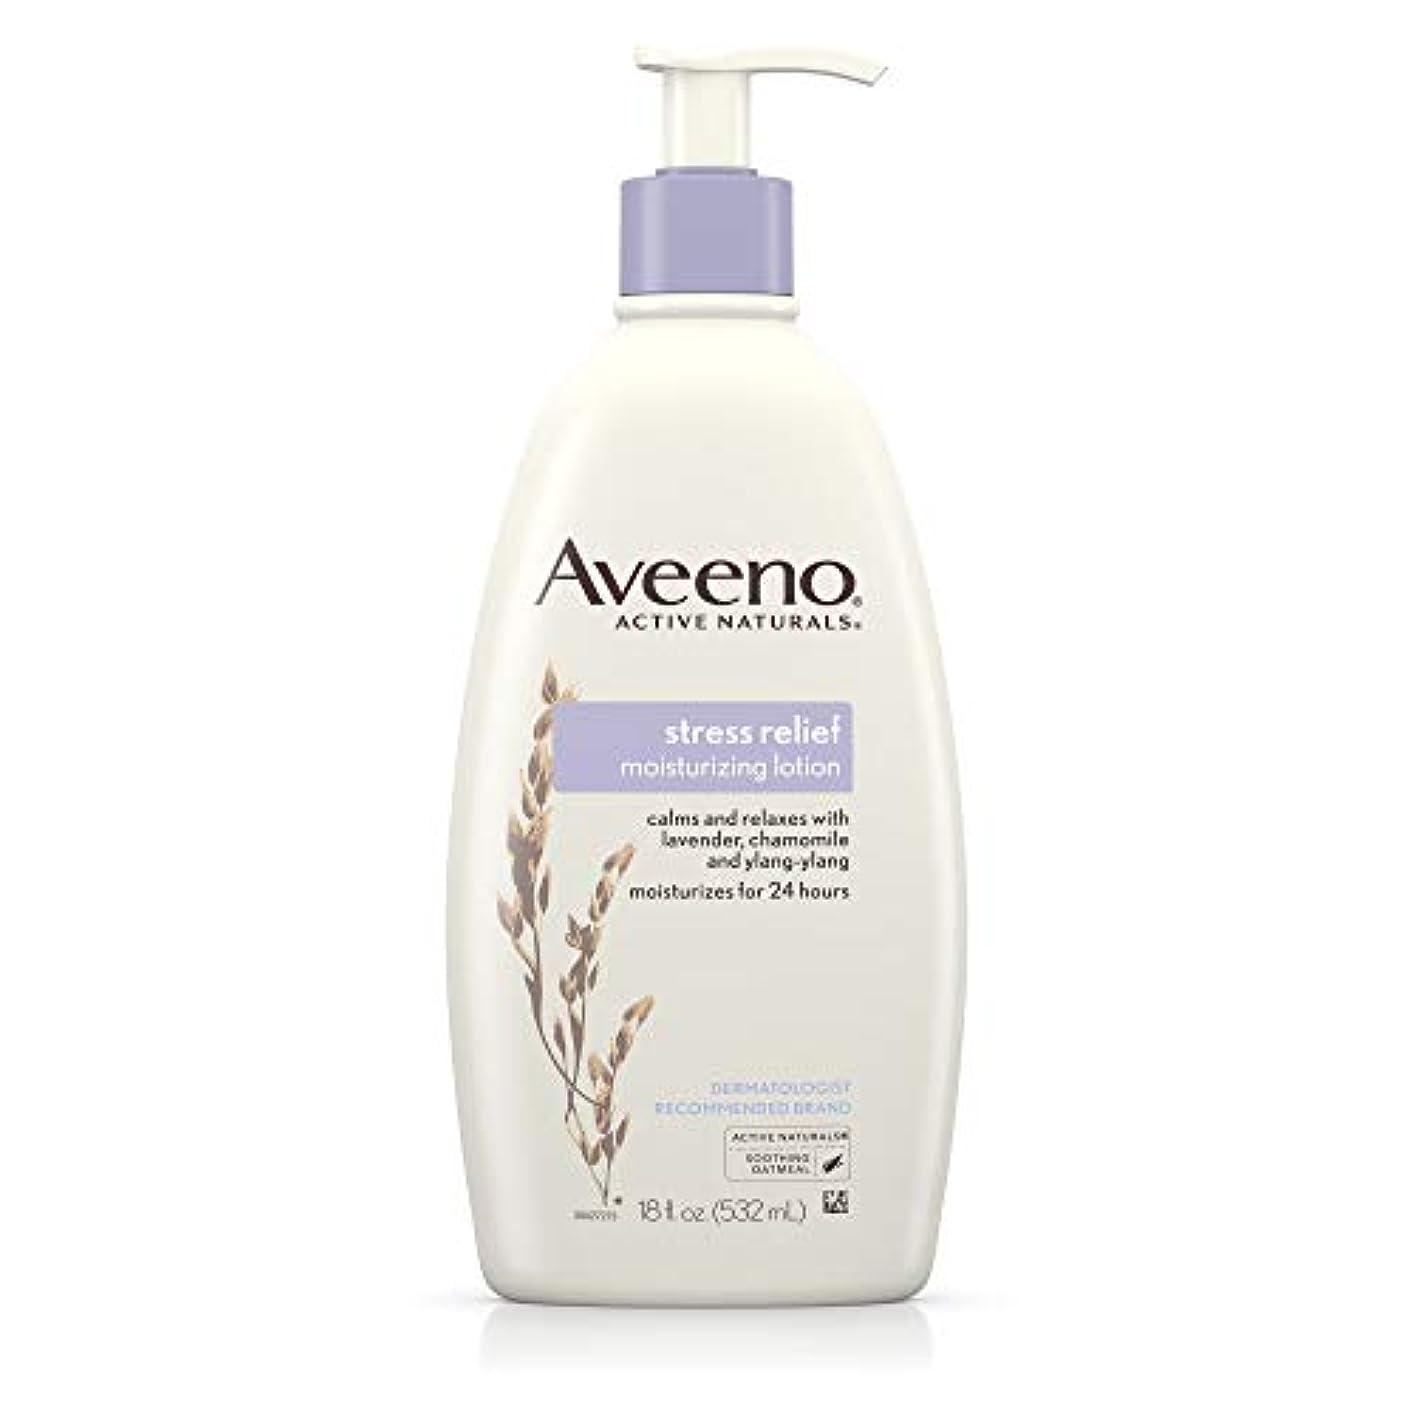 上回る海上強化Aveeno アヴィーノ ストレスリリーフ ラベンダー、カモミール、イランイランの香りリラックスローション (532 ml) [並行輸入品]